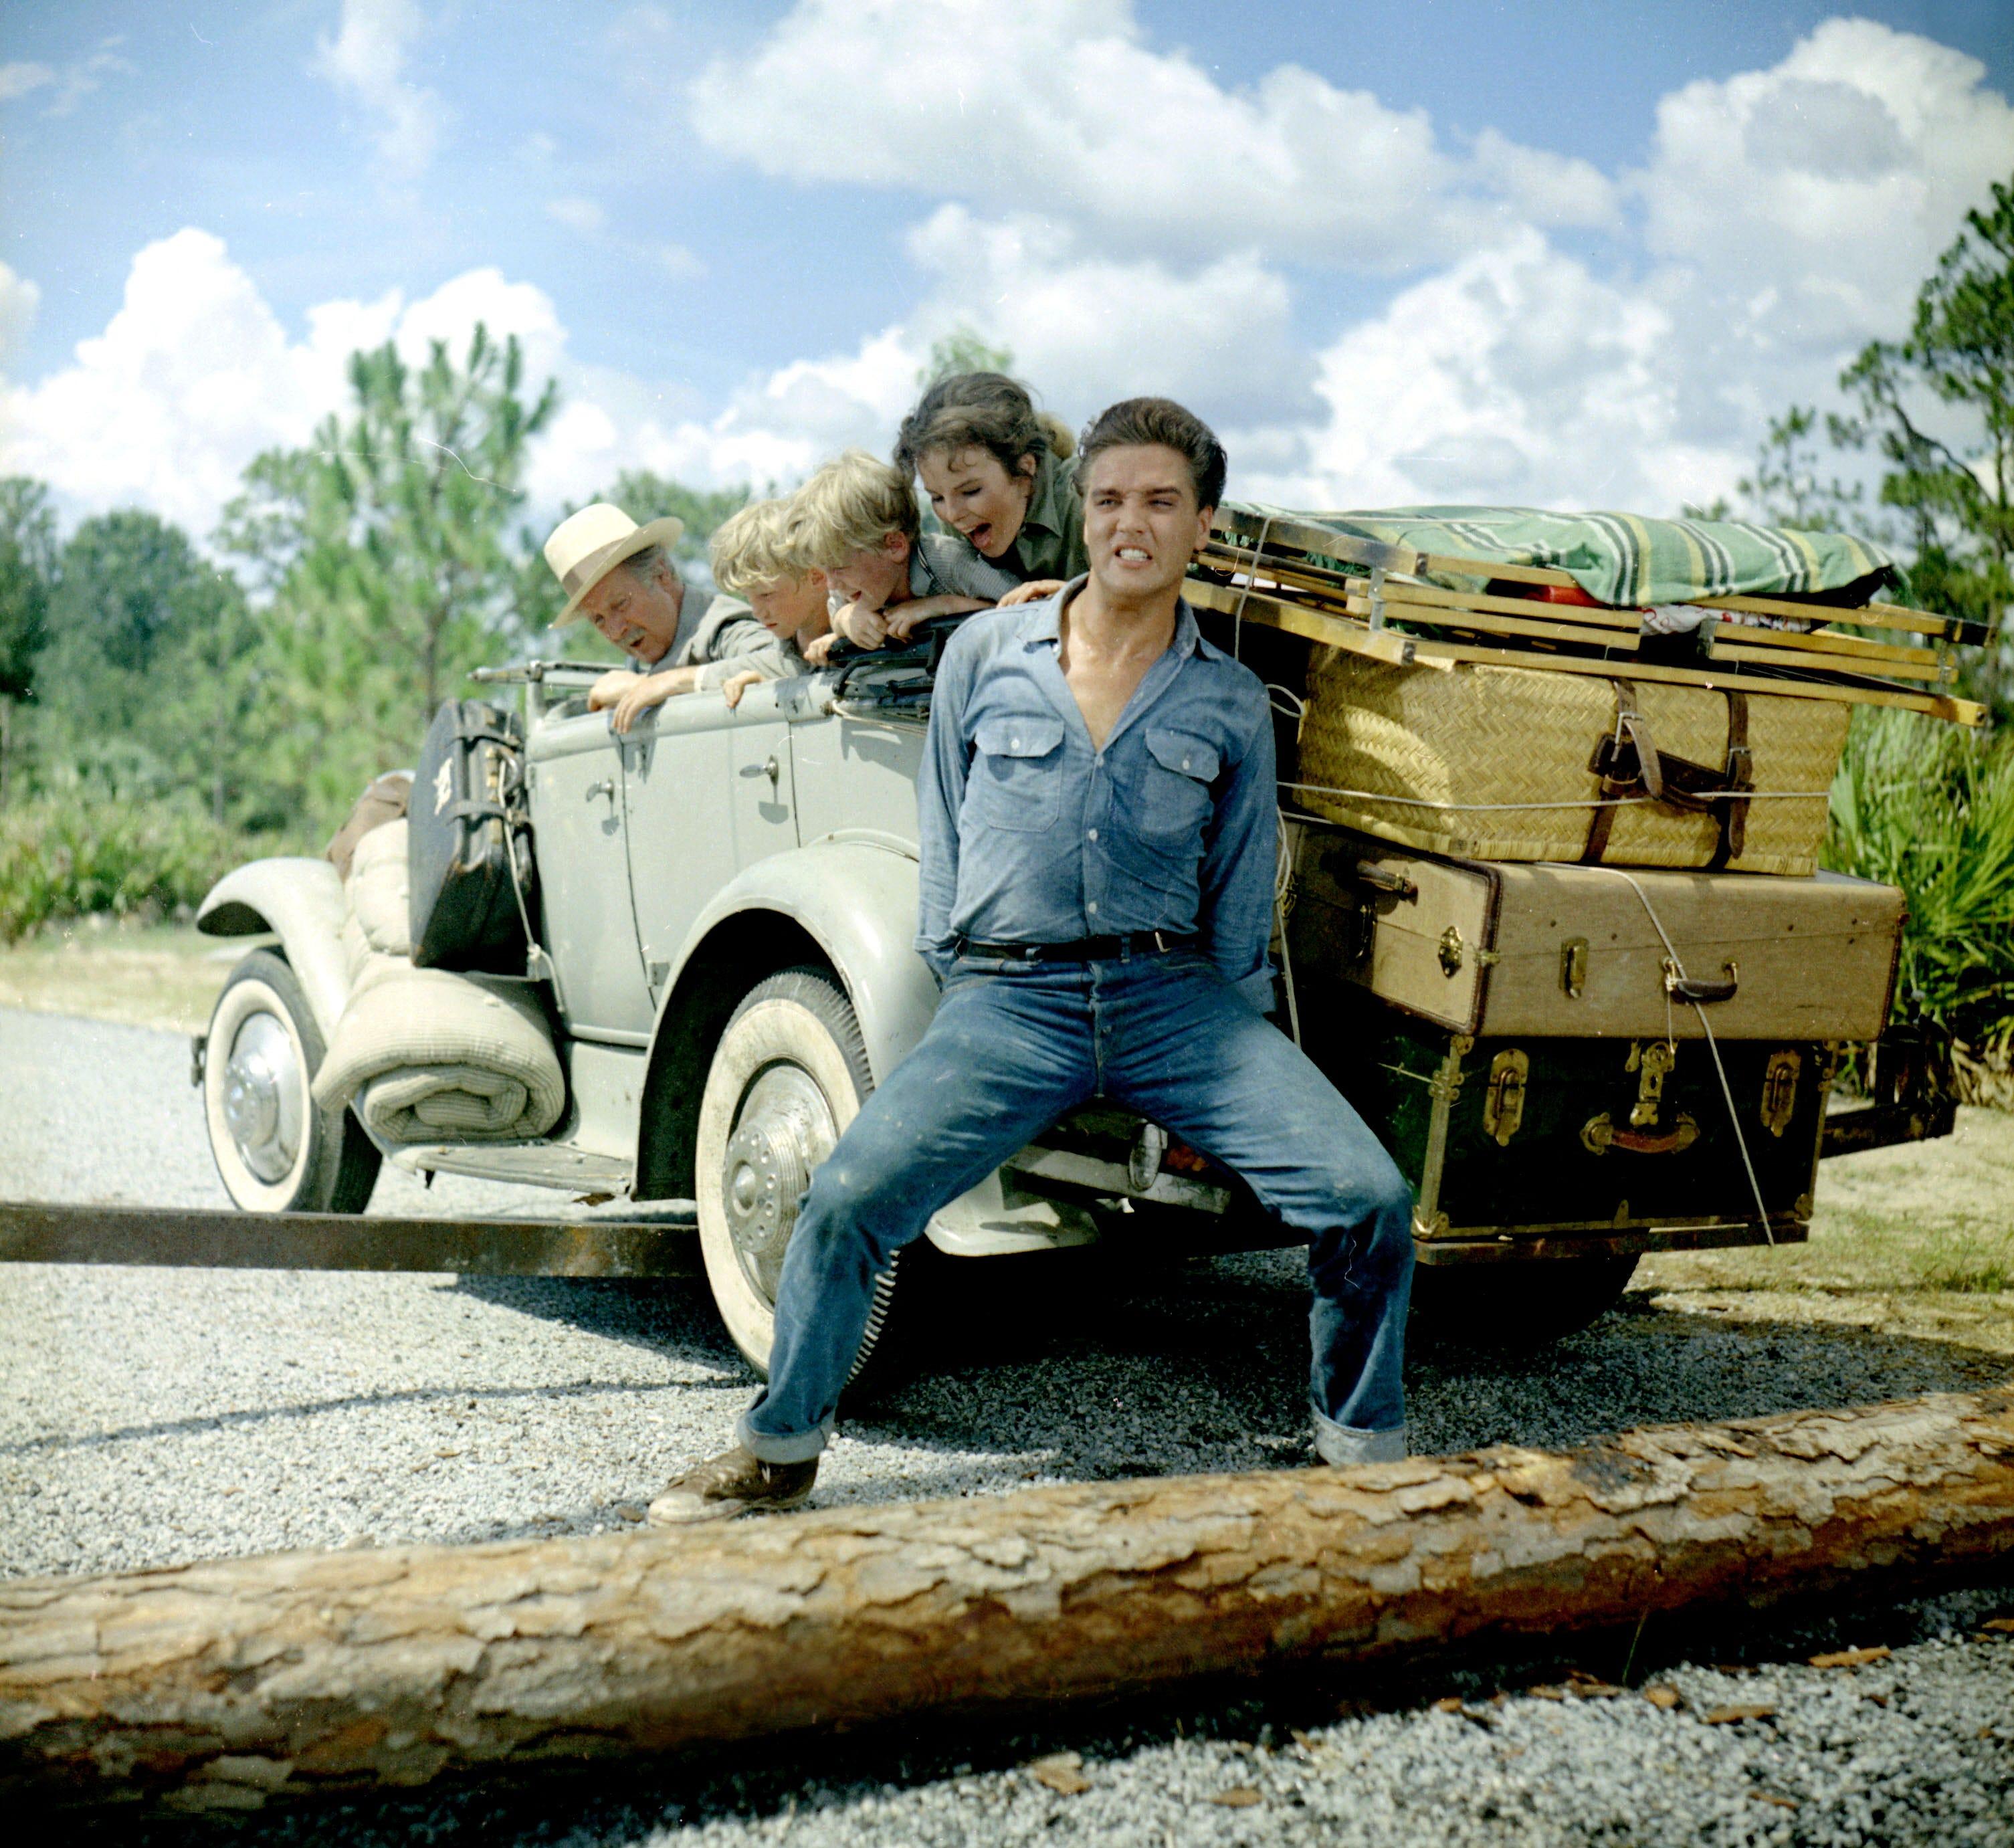 Presley movies: Our top 10 repeat Elvis sightings